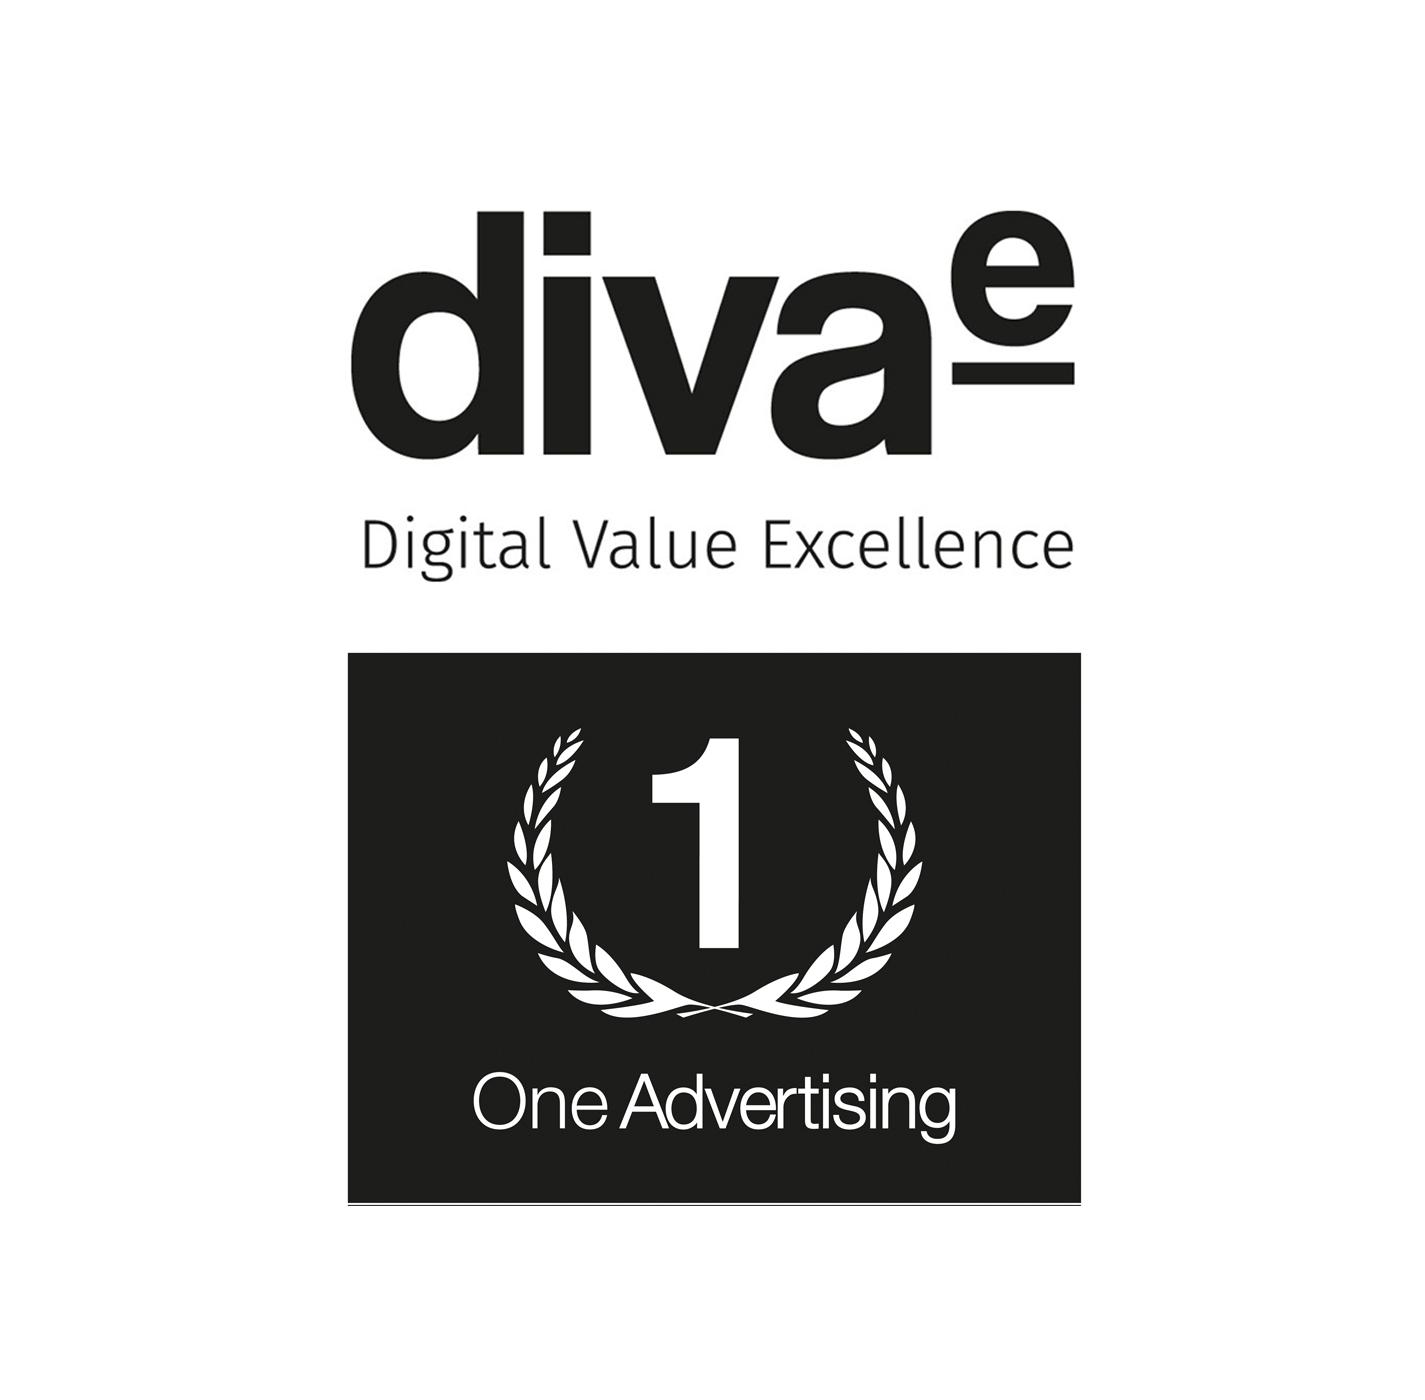 diva-e / One Advertising